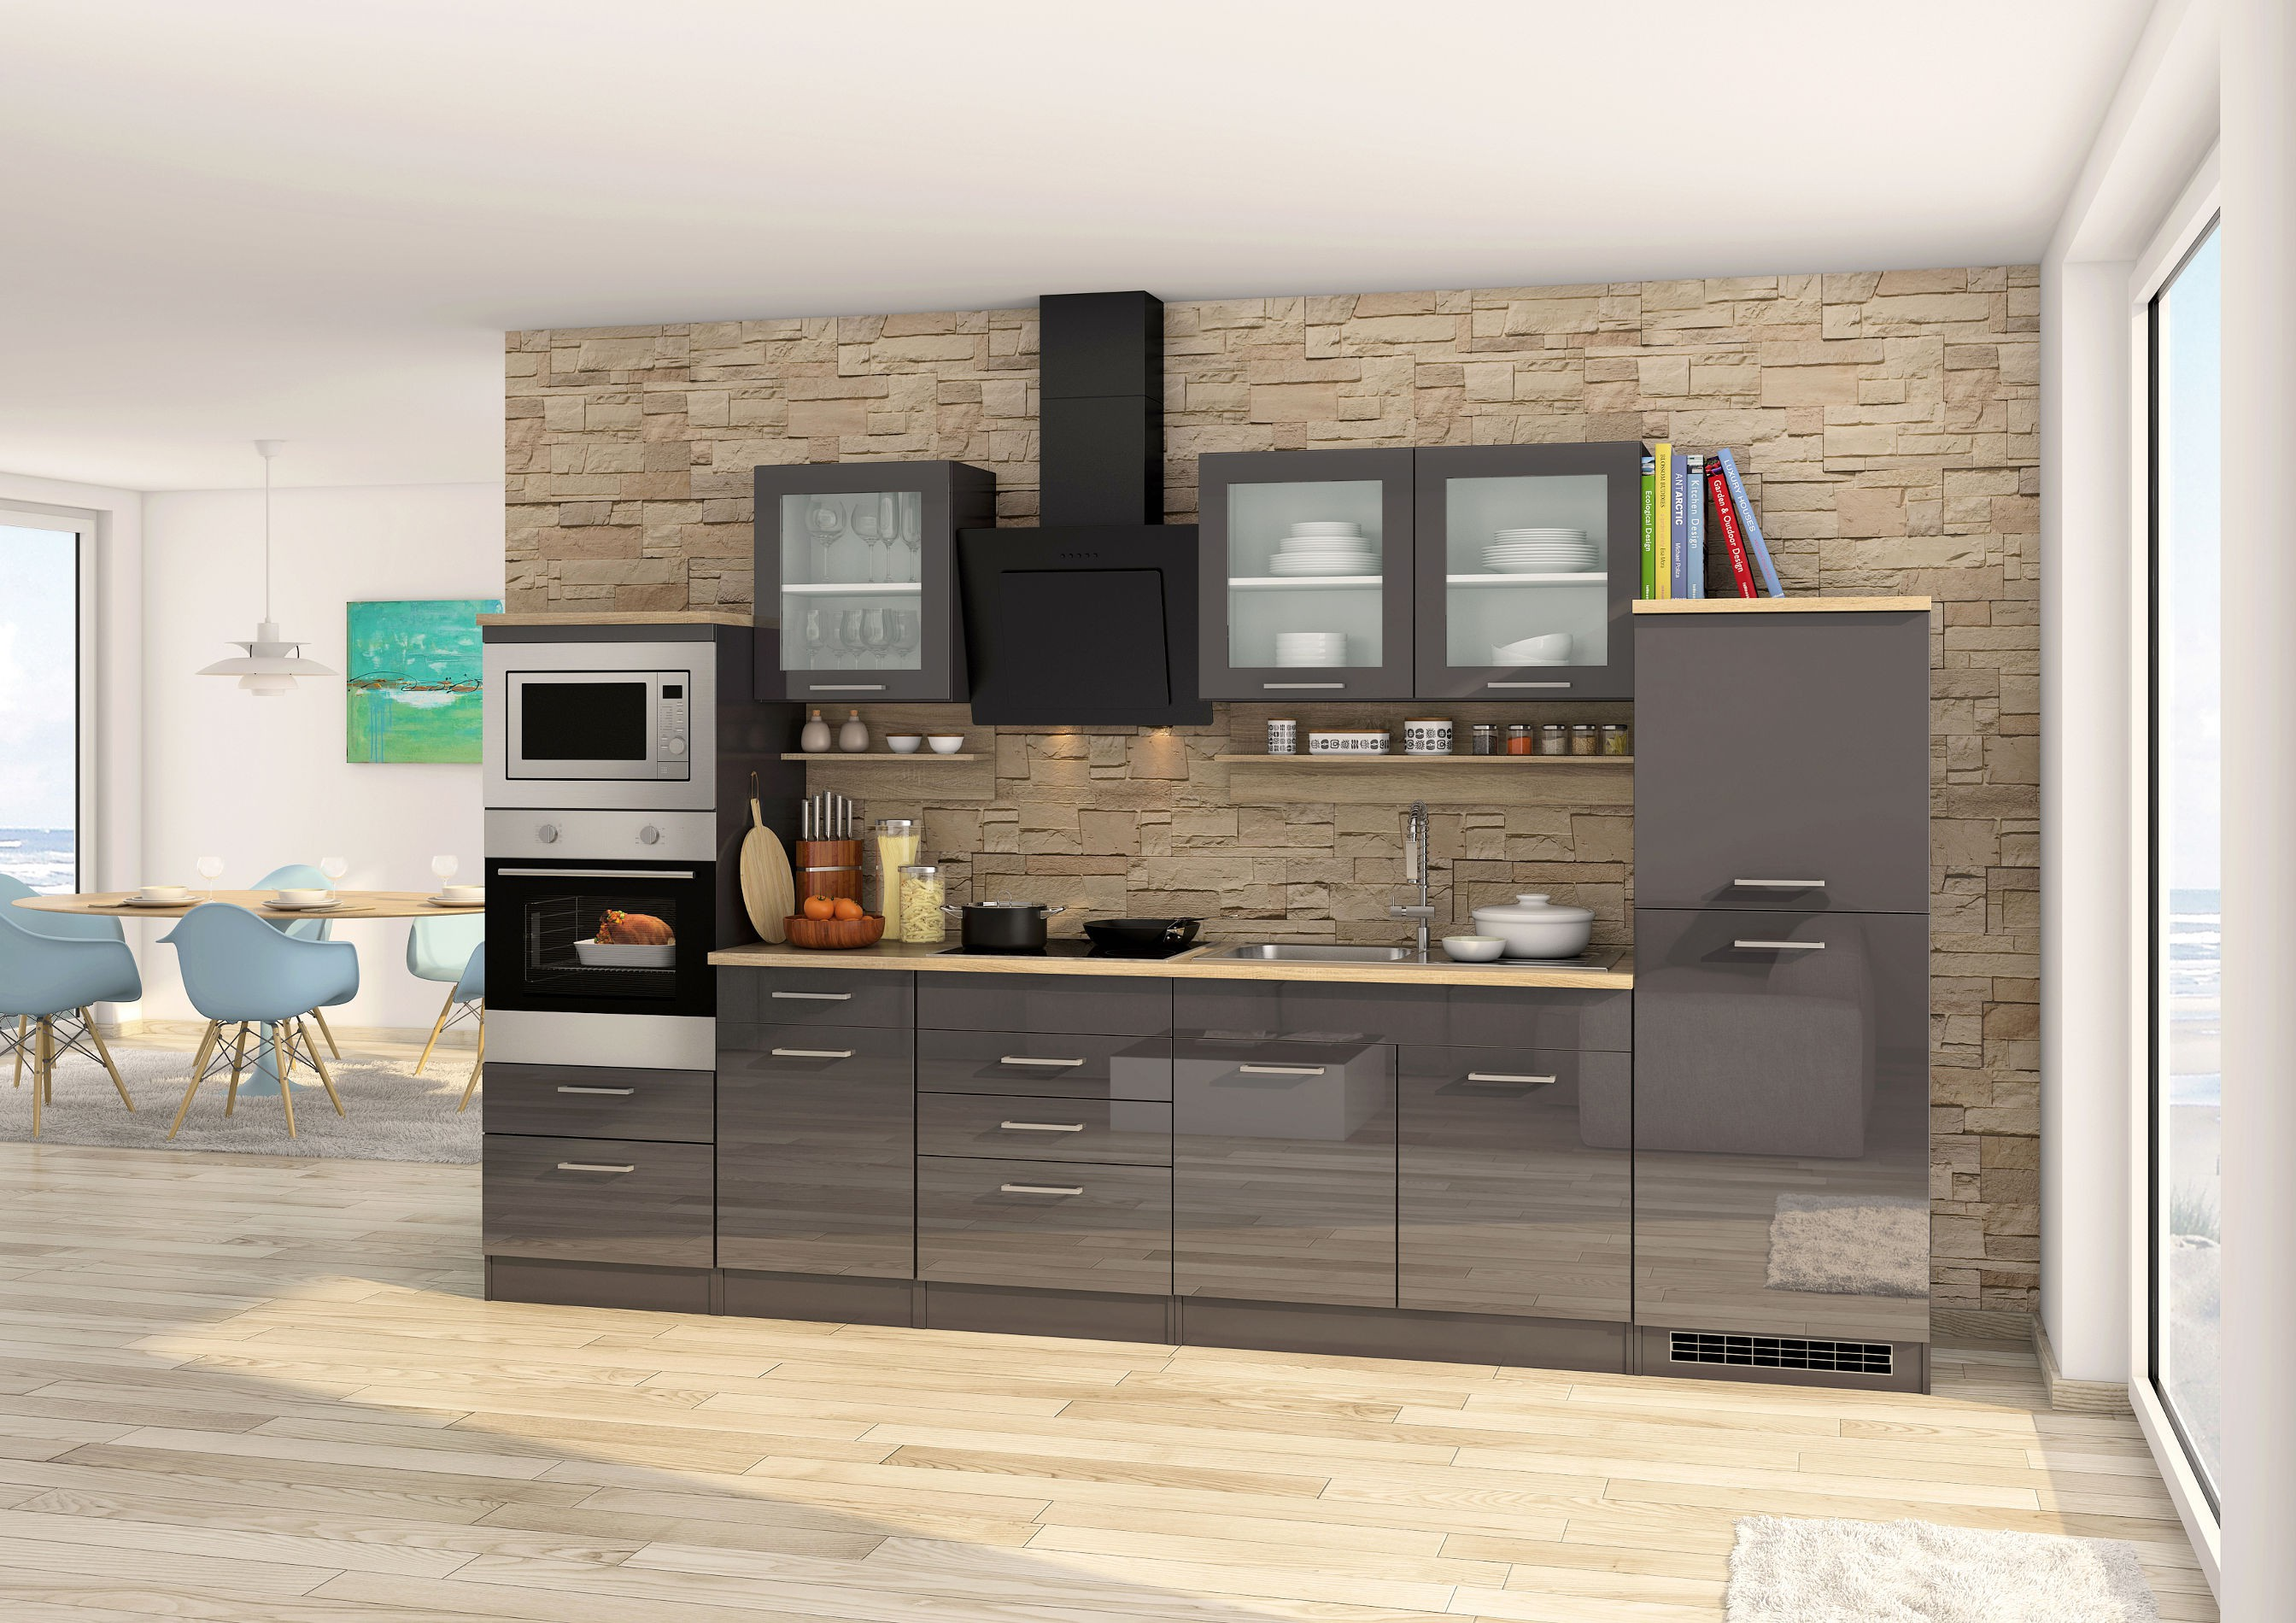 k chen unterschrank m nchen 2 ausz ge 1 schublade hochglanz grau graphit k che k chen. Black Bedroom Furniture Sets. Home Design Ideas